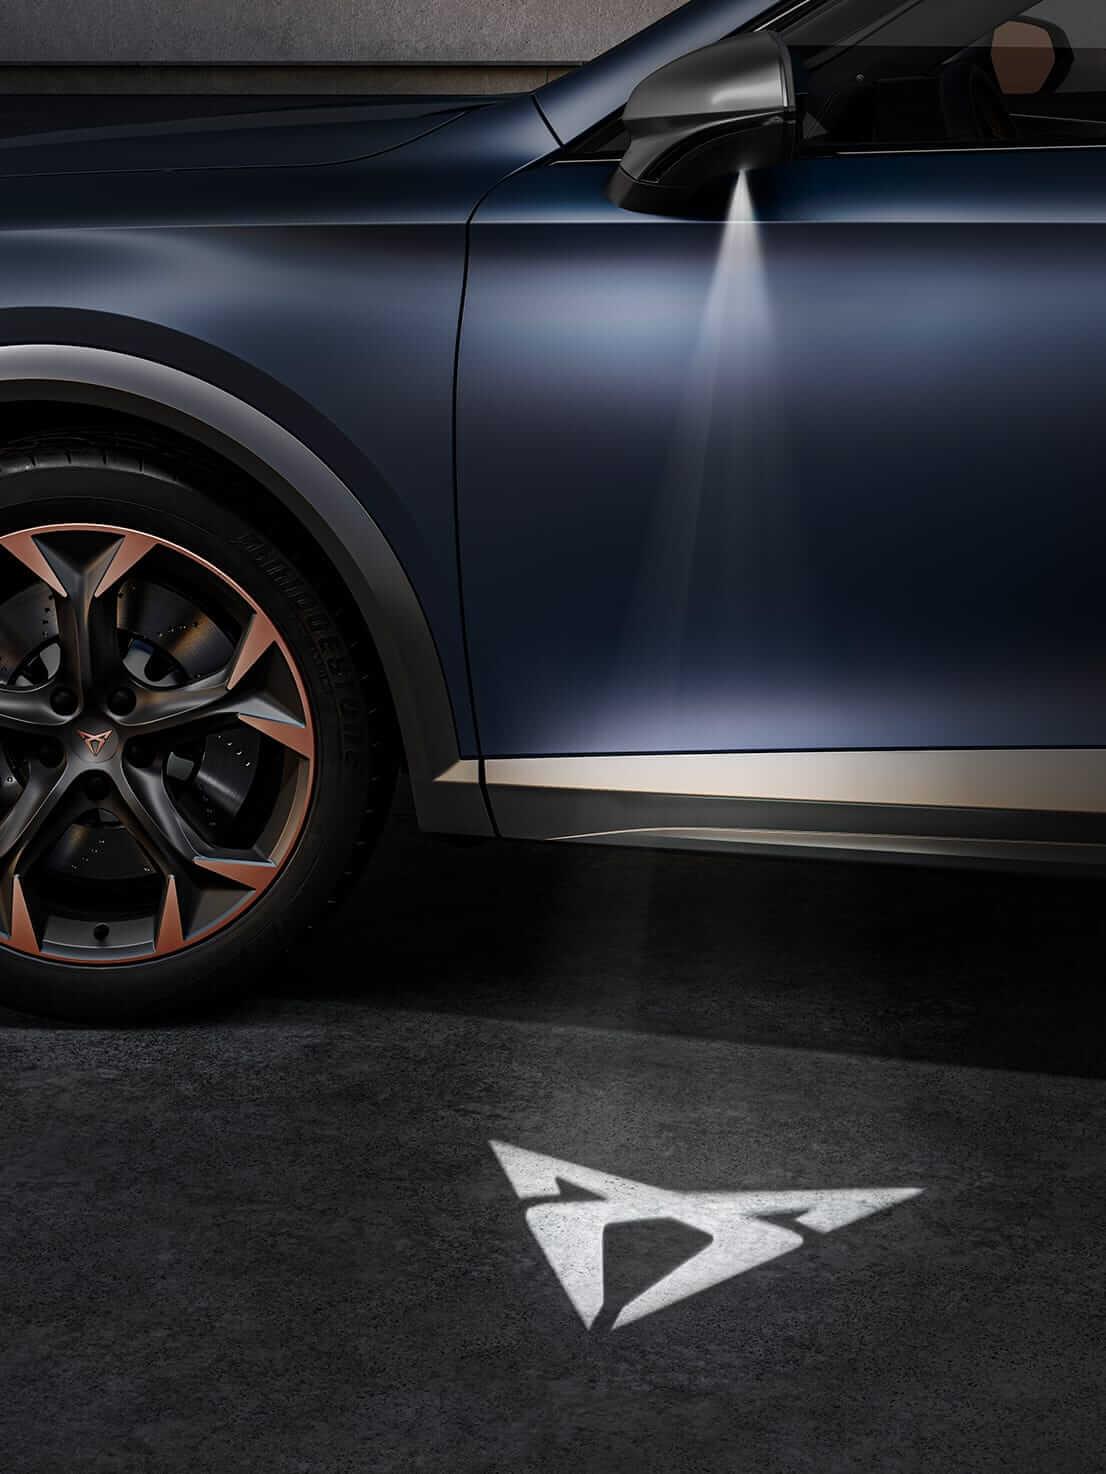 Opel Corsa design